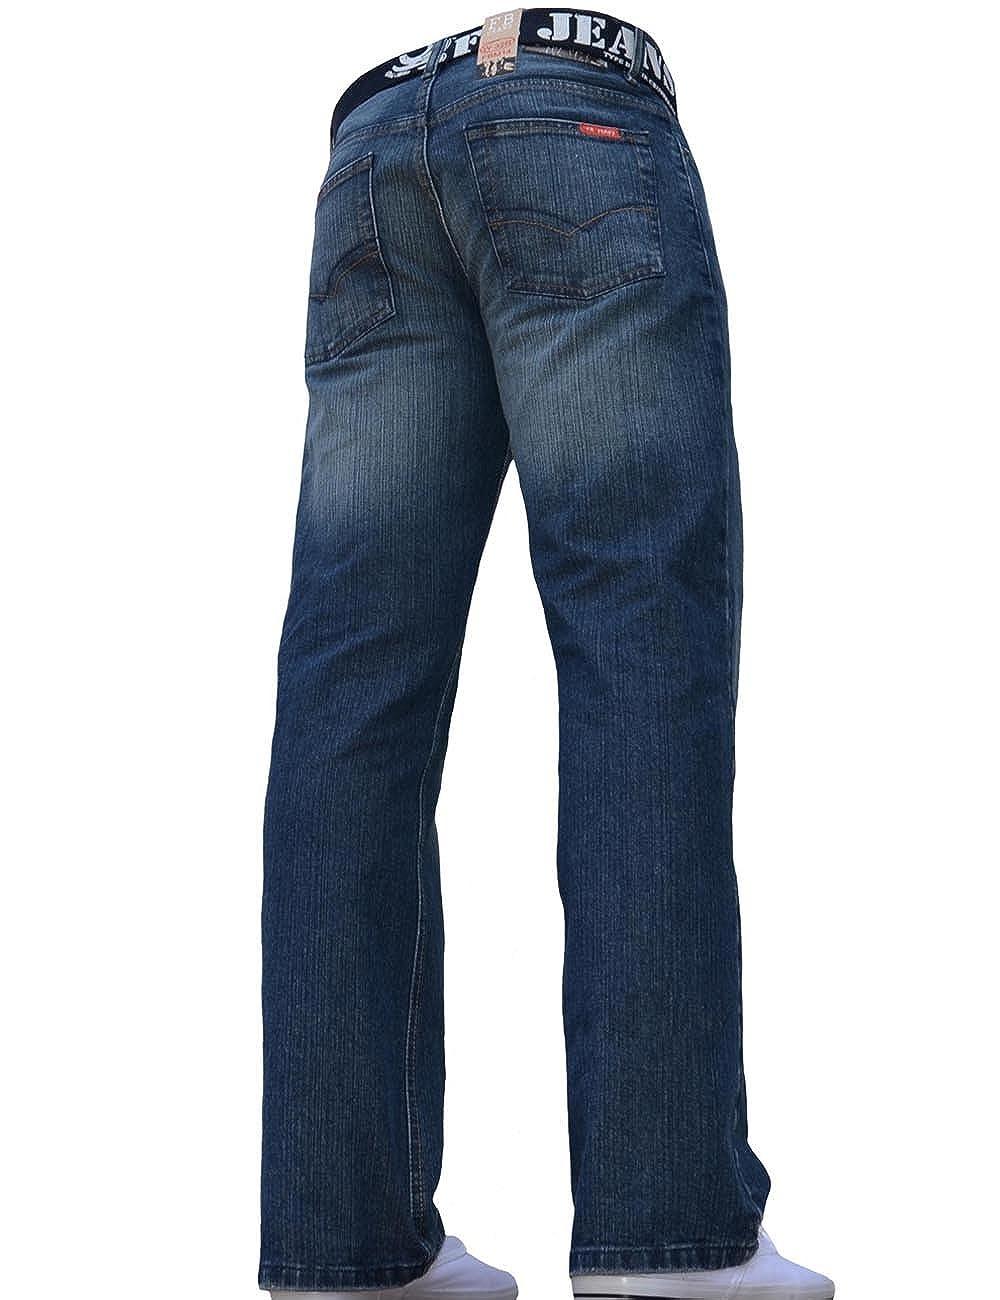 BNWT New pour homme coupe droite Regular Fit bleu foncé Denim Jeans taille  toutes les tailles et  Amazon.fr  Vêtements et accessoires 2d679dabe631